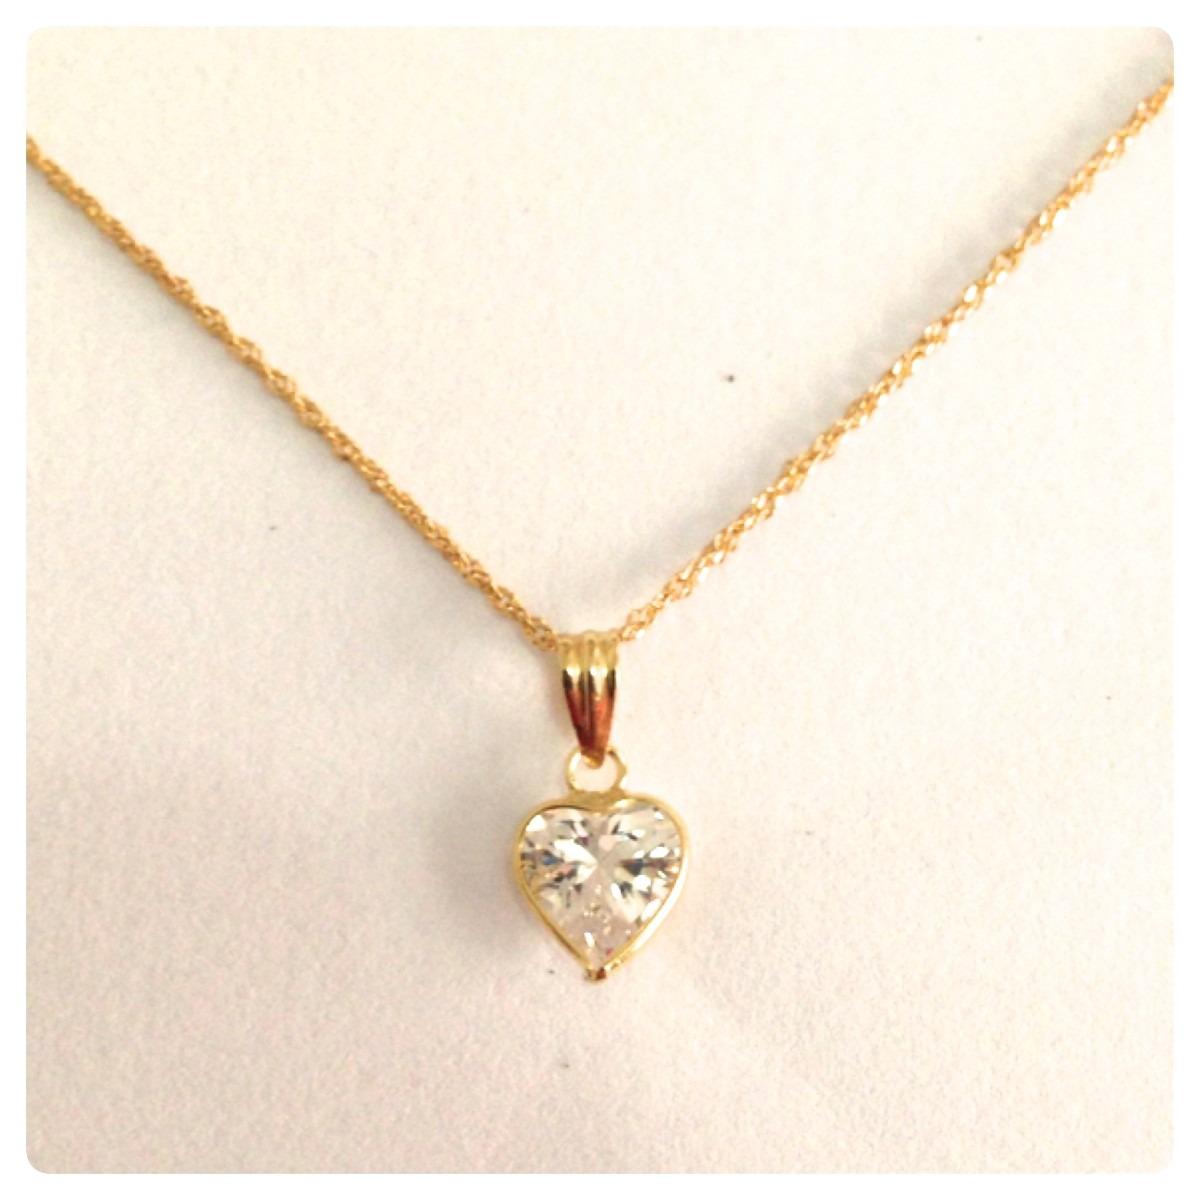 8db7b43bde8f9 corrente feminina e pingente coração de ouro 18k 40 cm. Carregando zoom.